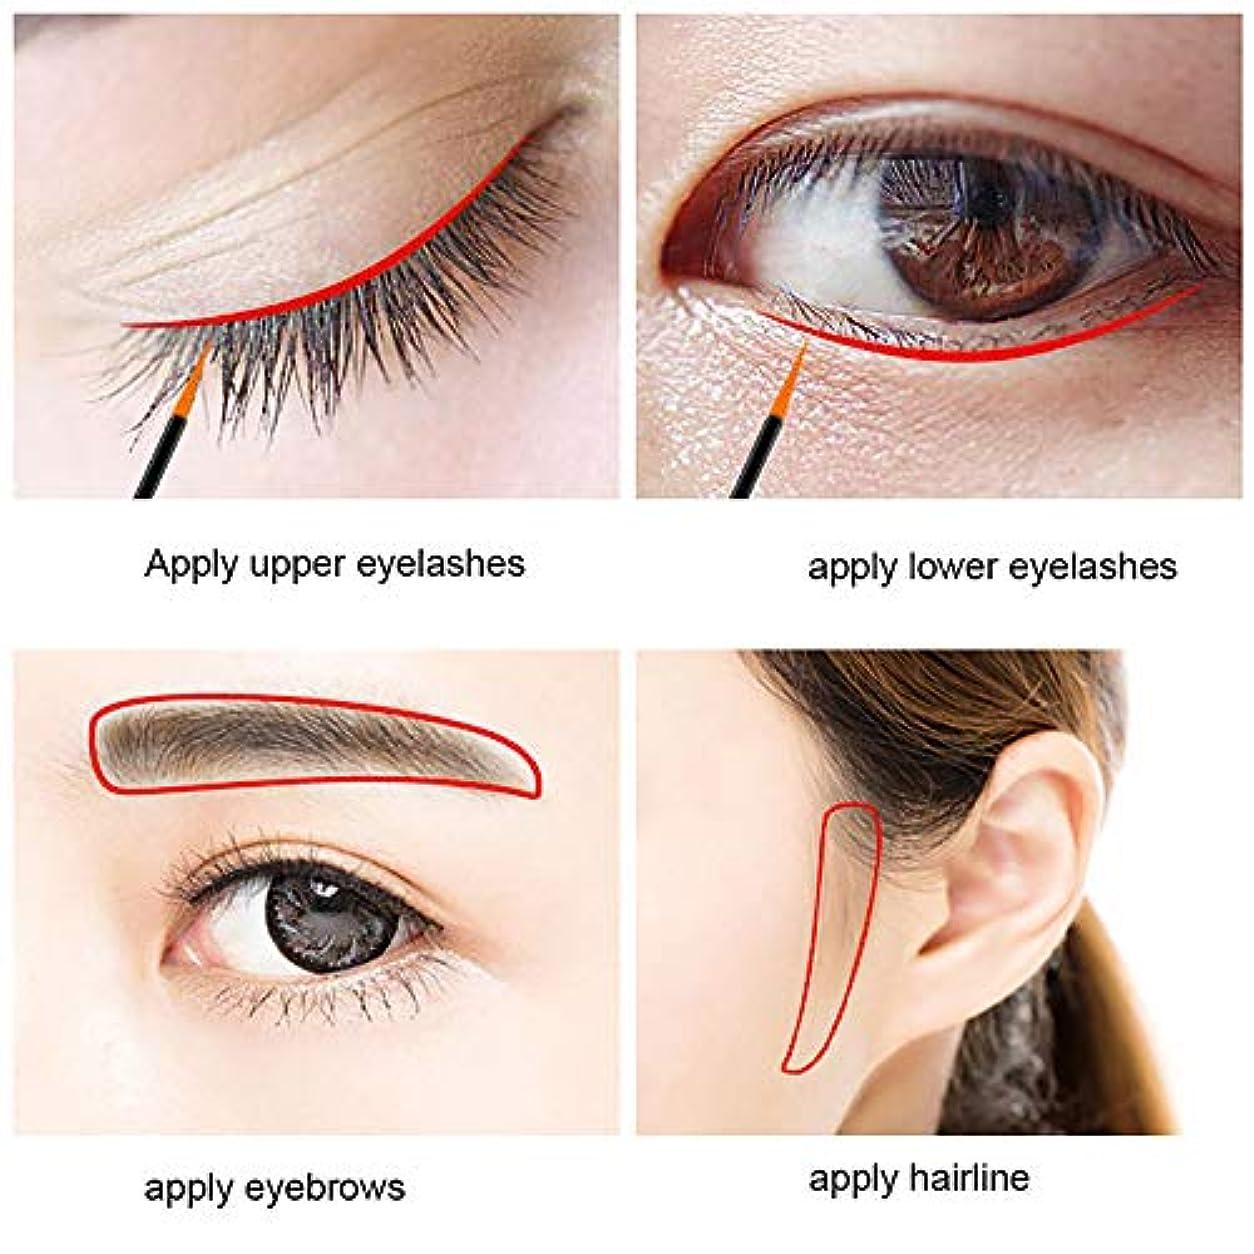 時制ピケはちみつ眉毛まつげ速い急速な成長の液体エンハンサー栄養液栄養